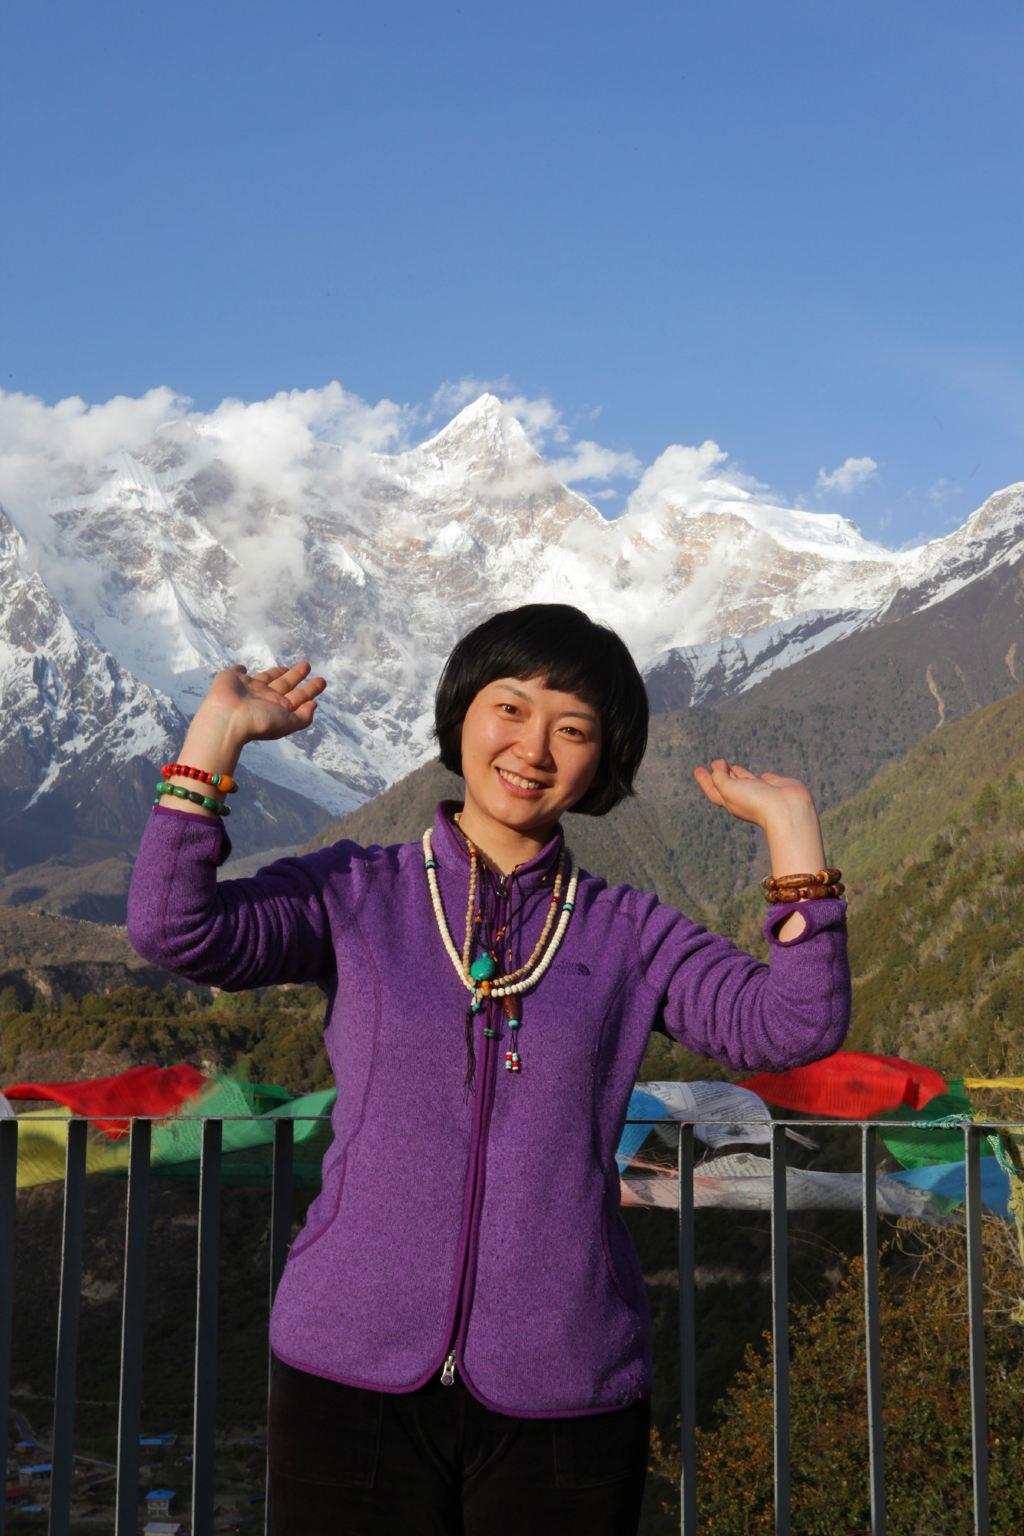 南�zd�9����+�.�9.b:gh���_【西藏】在林芝遇见圣山南迦巴瓦峰